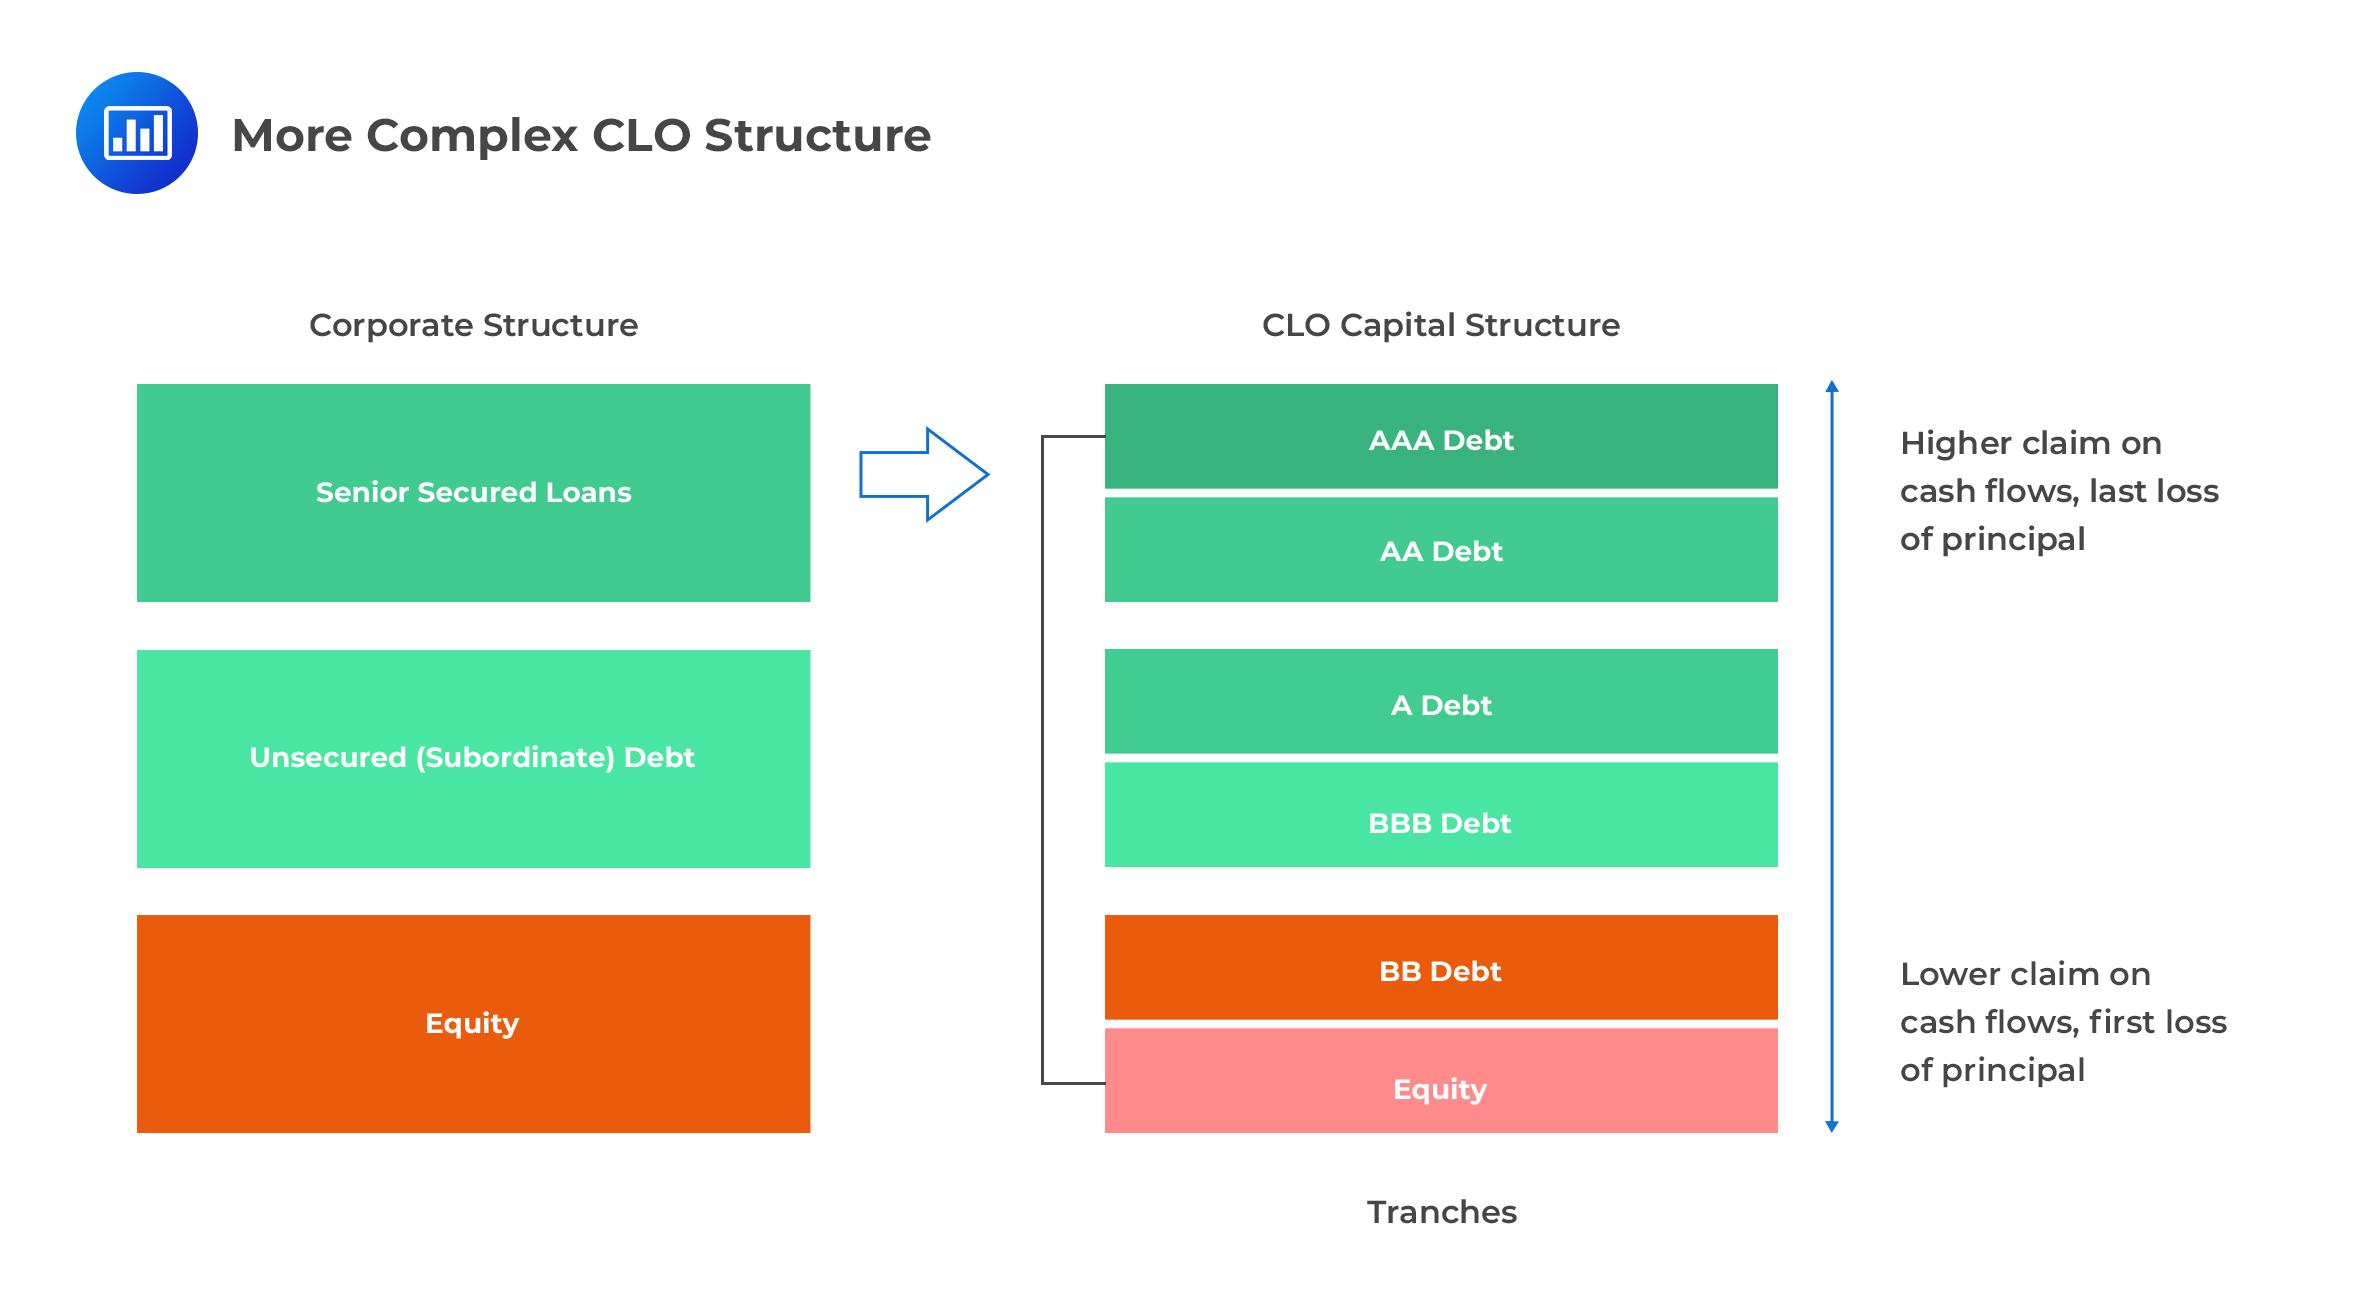 More Complex CLO Structure